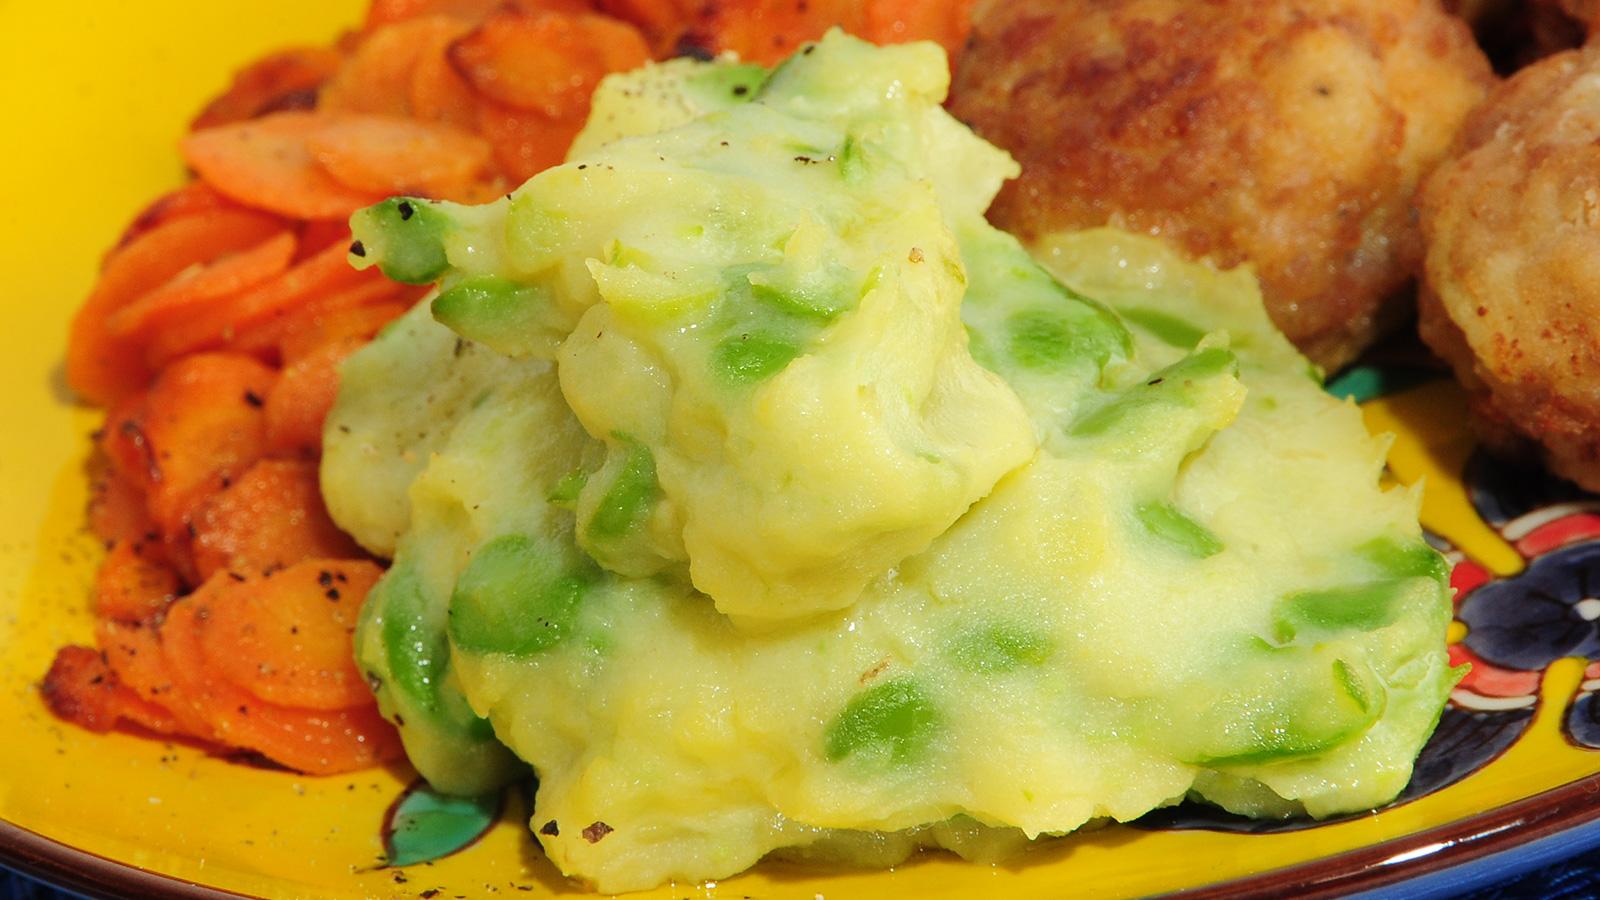 Pur de patatas y habas samantha vallejo n gera for Programas de cocina en espana